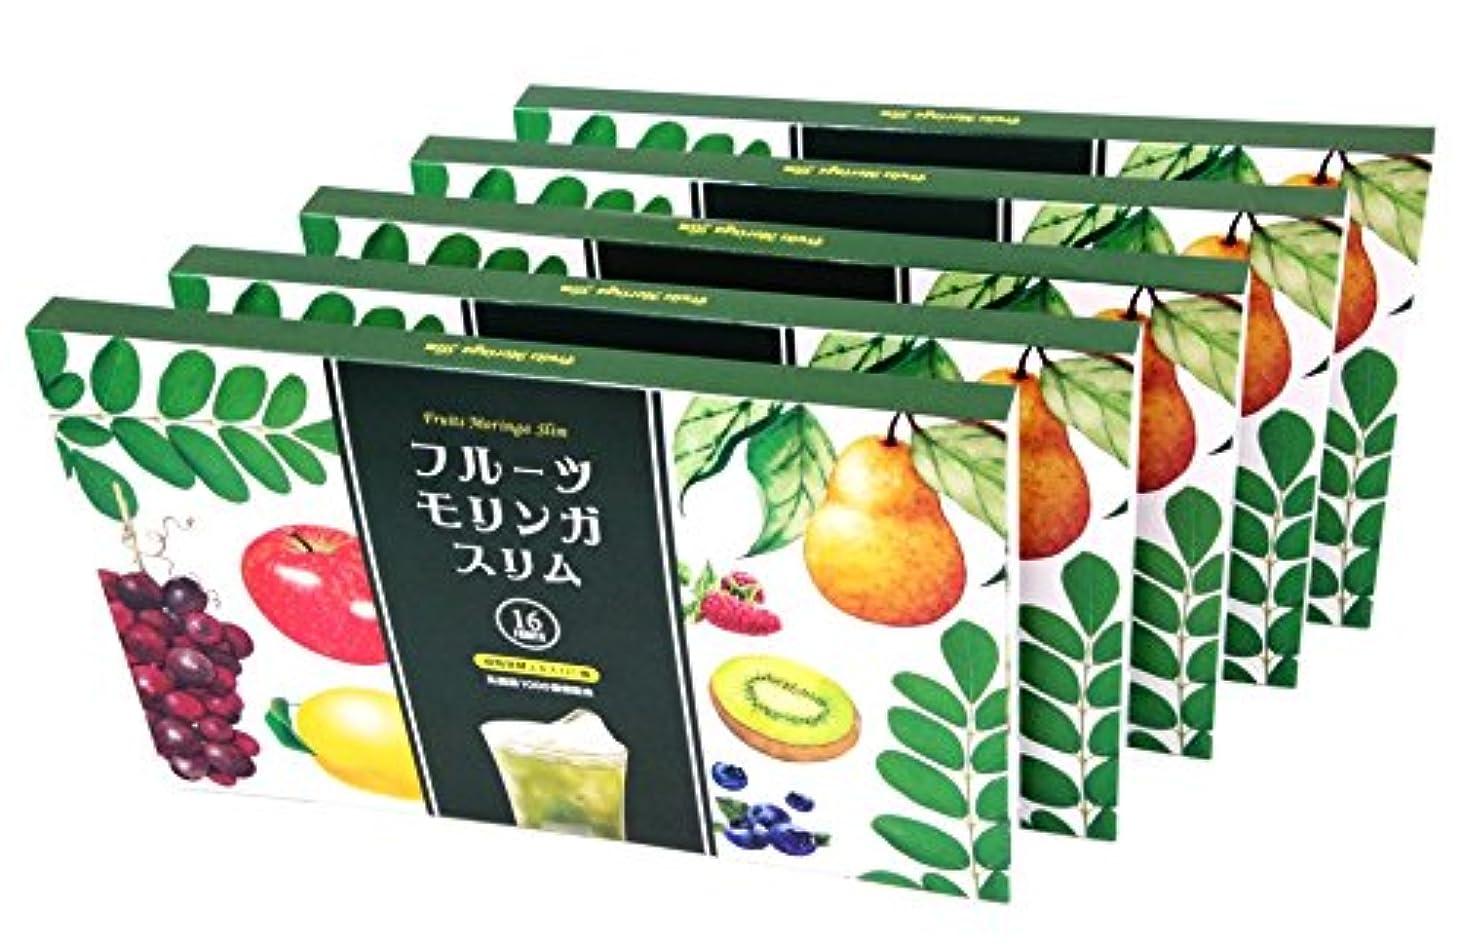 固有の通り抜ける大胆不敵フルーツ モリンガ 美容 健康 栄養 食習慣 ボディメイク 国産品 (5箱/3g×30包×5+シェーカー)